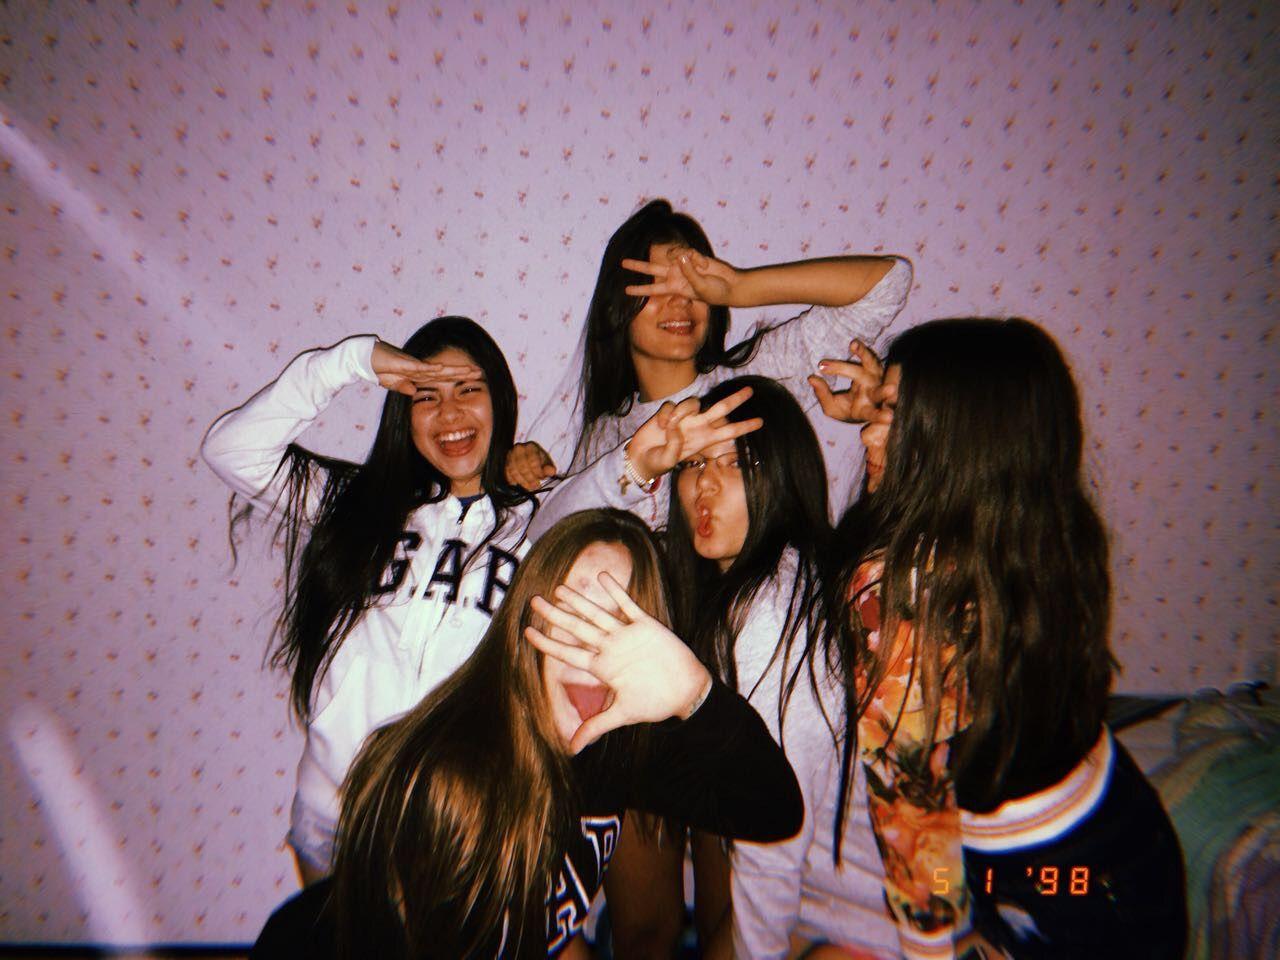 окружён фото компания друзей без лица нас